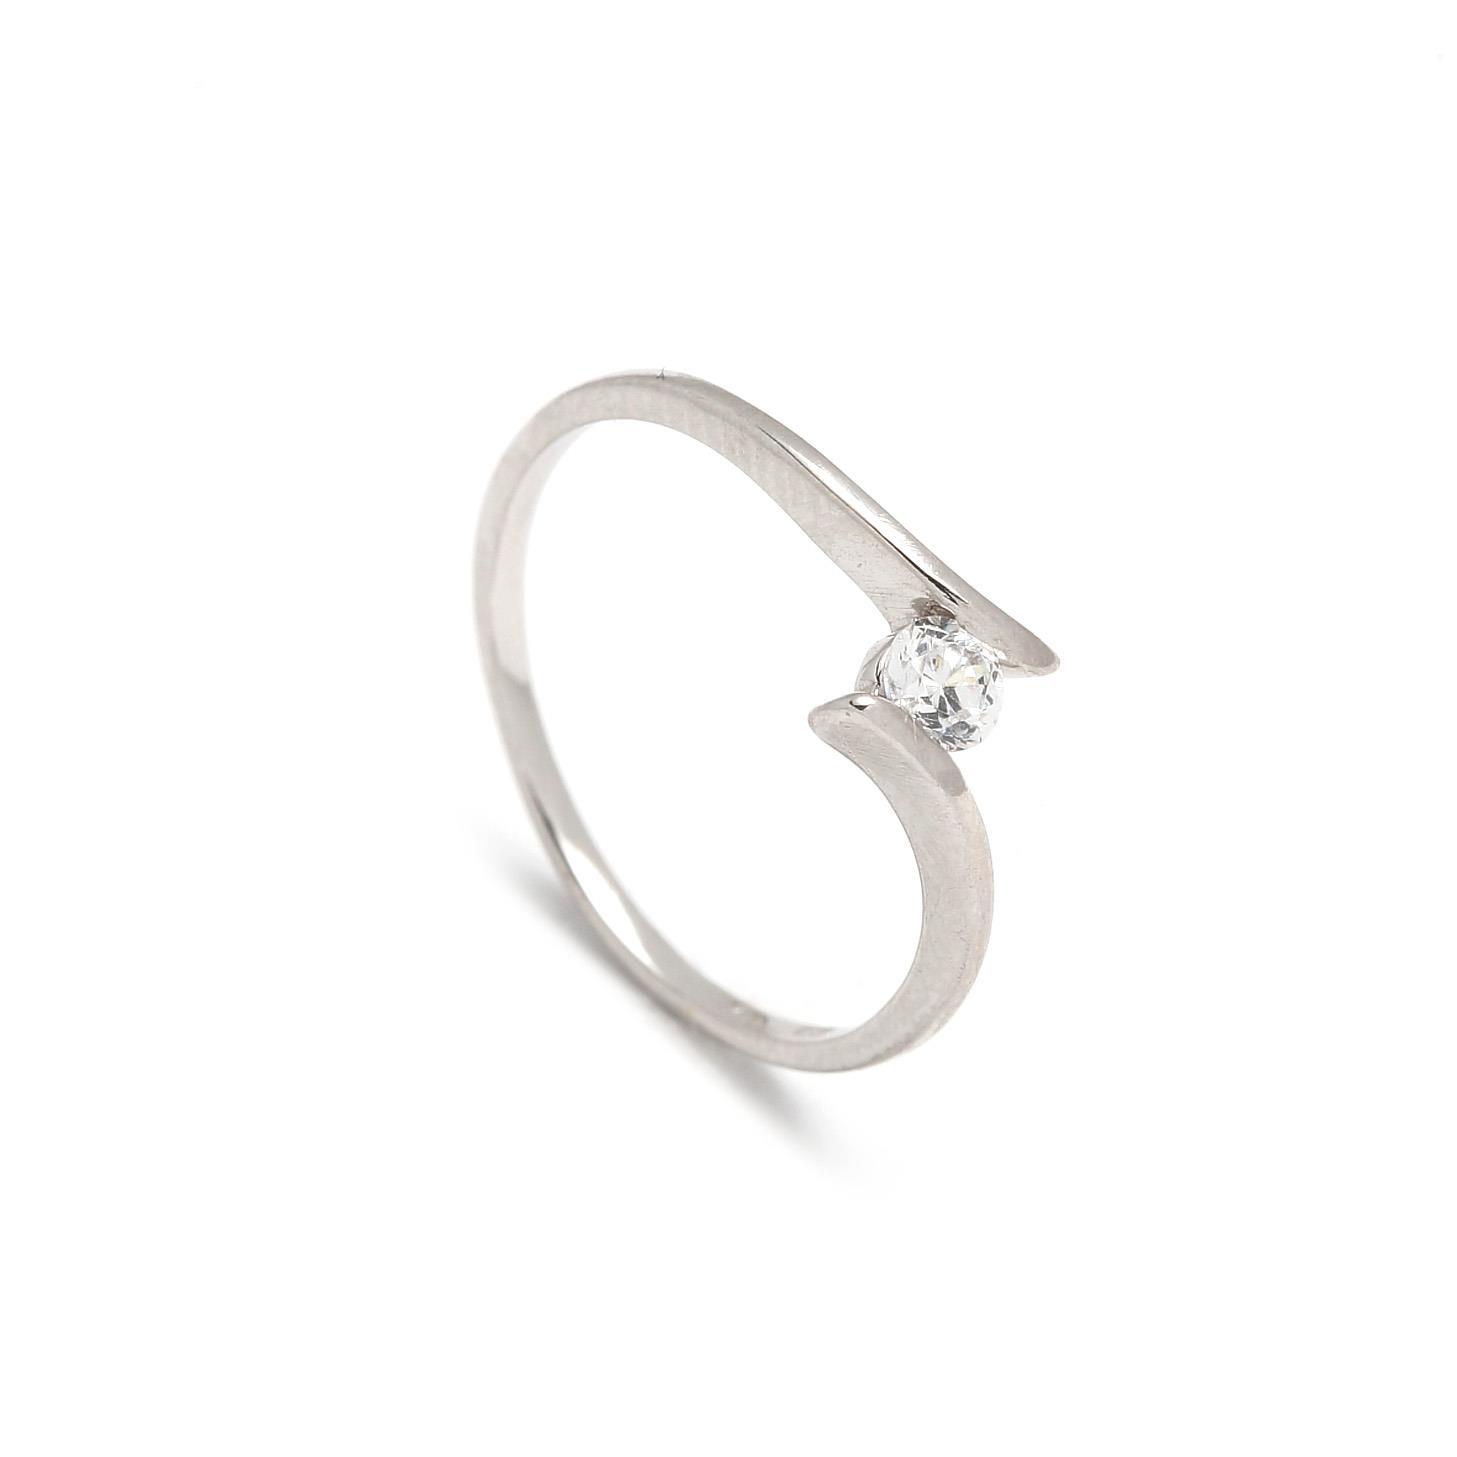 Zlatý dámsky prsteň GIOFFREDA white 1PB00074